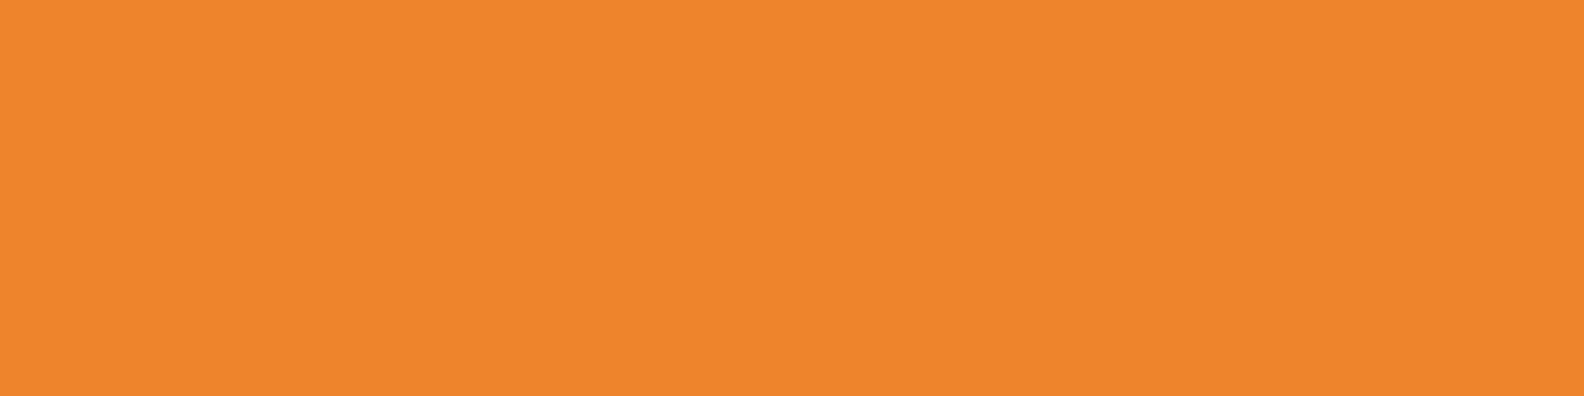 1584x396 Cadmium Orange Solid Color Background